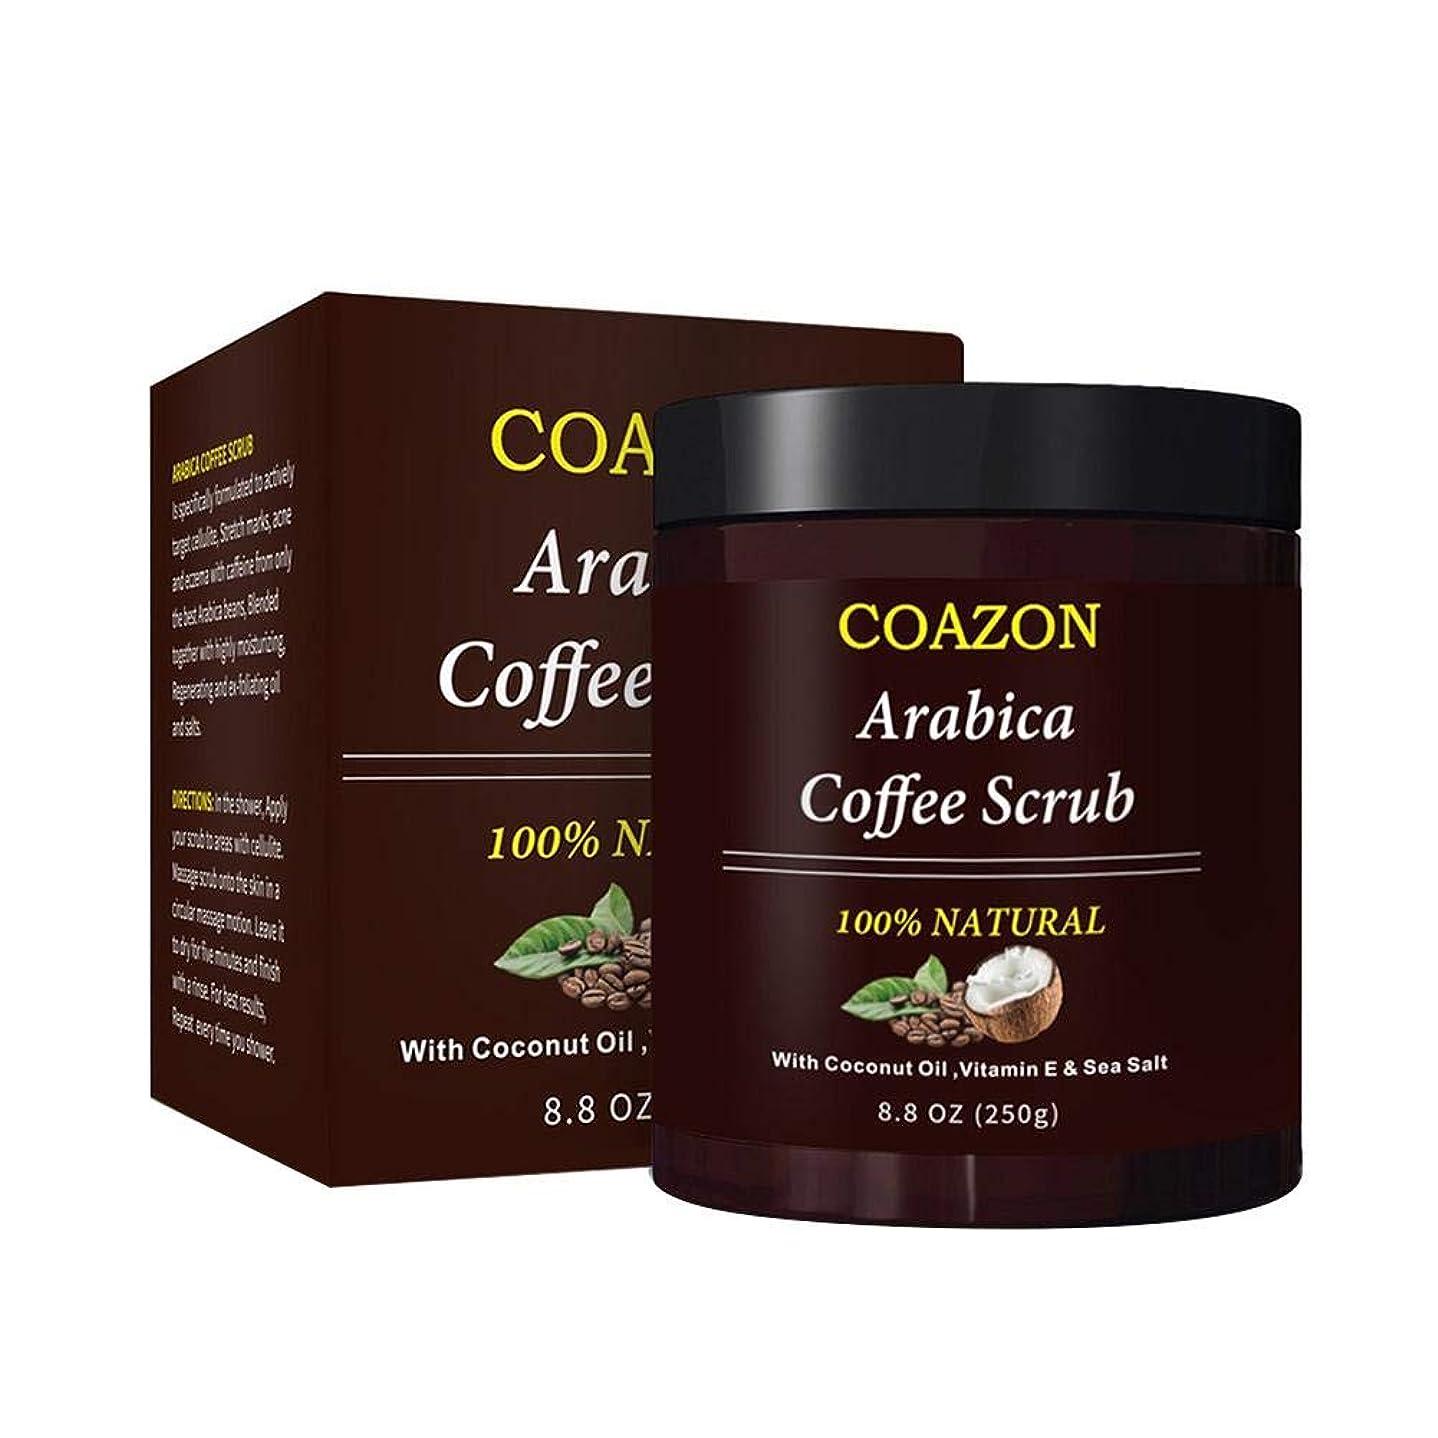 。ファイバ誤Coldwhite ボディースクラブ 角質除去ホワイトニング保湿抗セルライト治療のためのコーヒー介護者の自然死海塩クリーム 240g